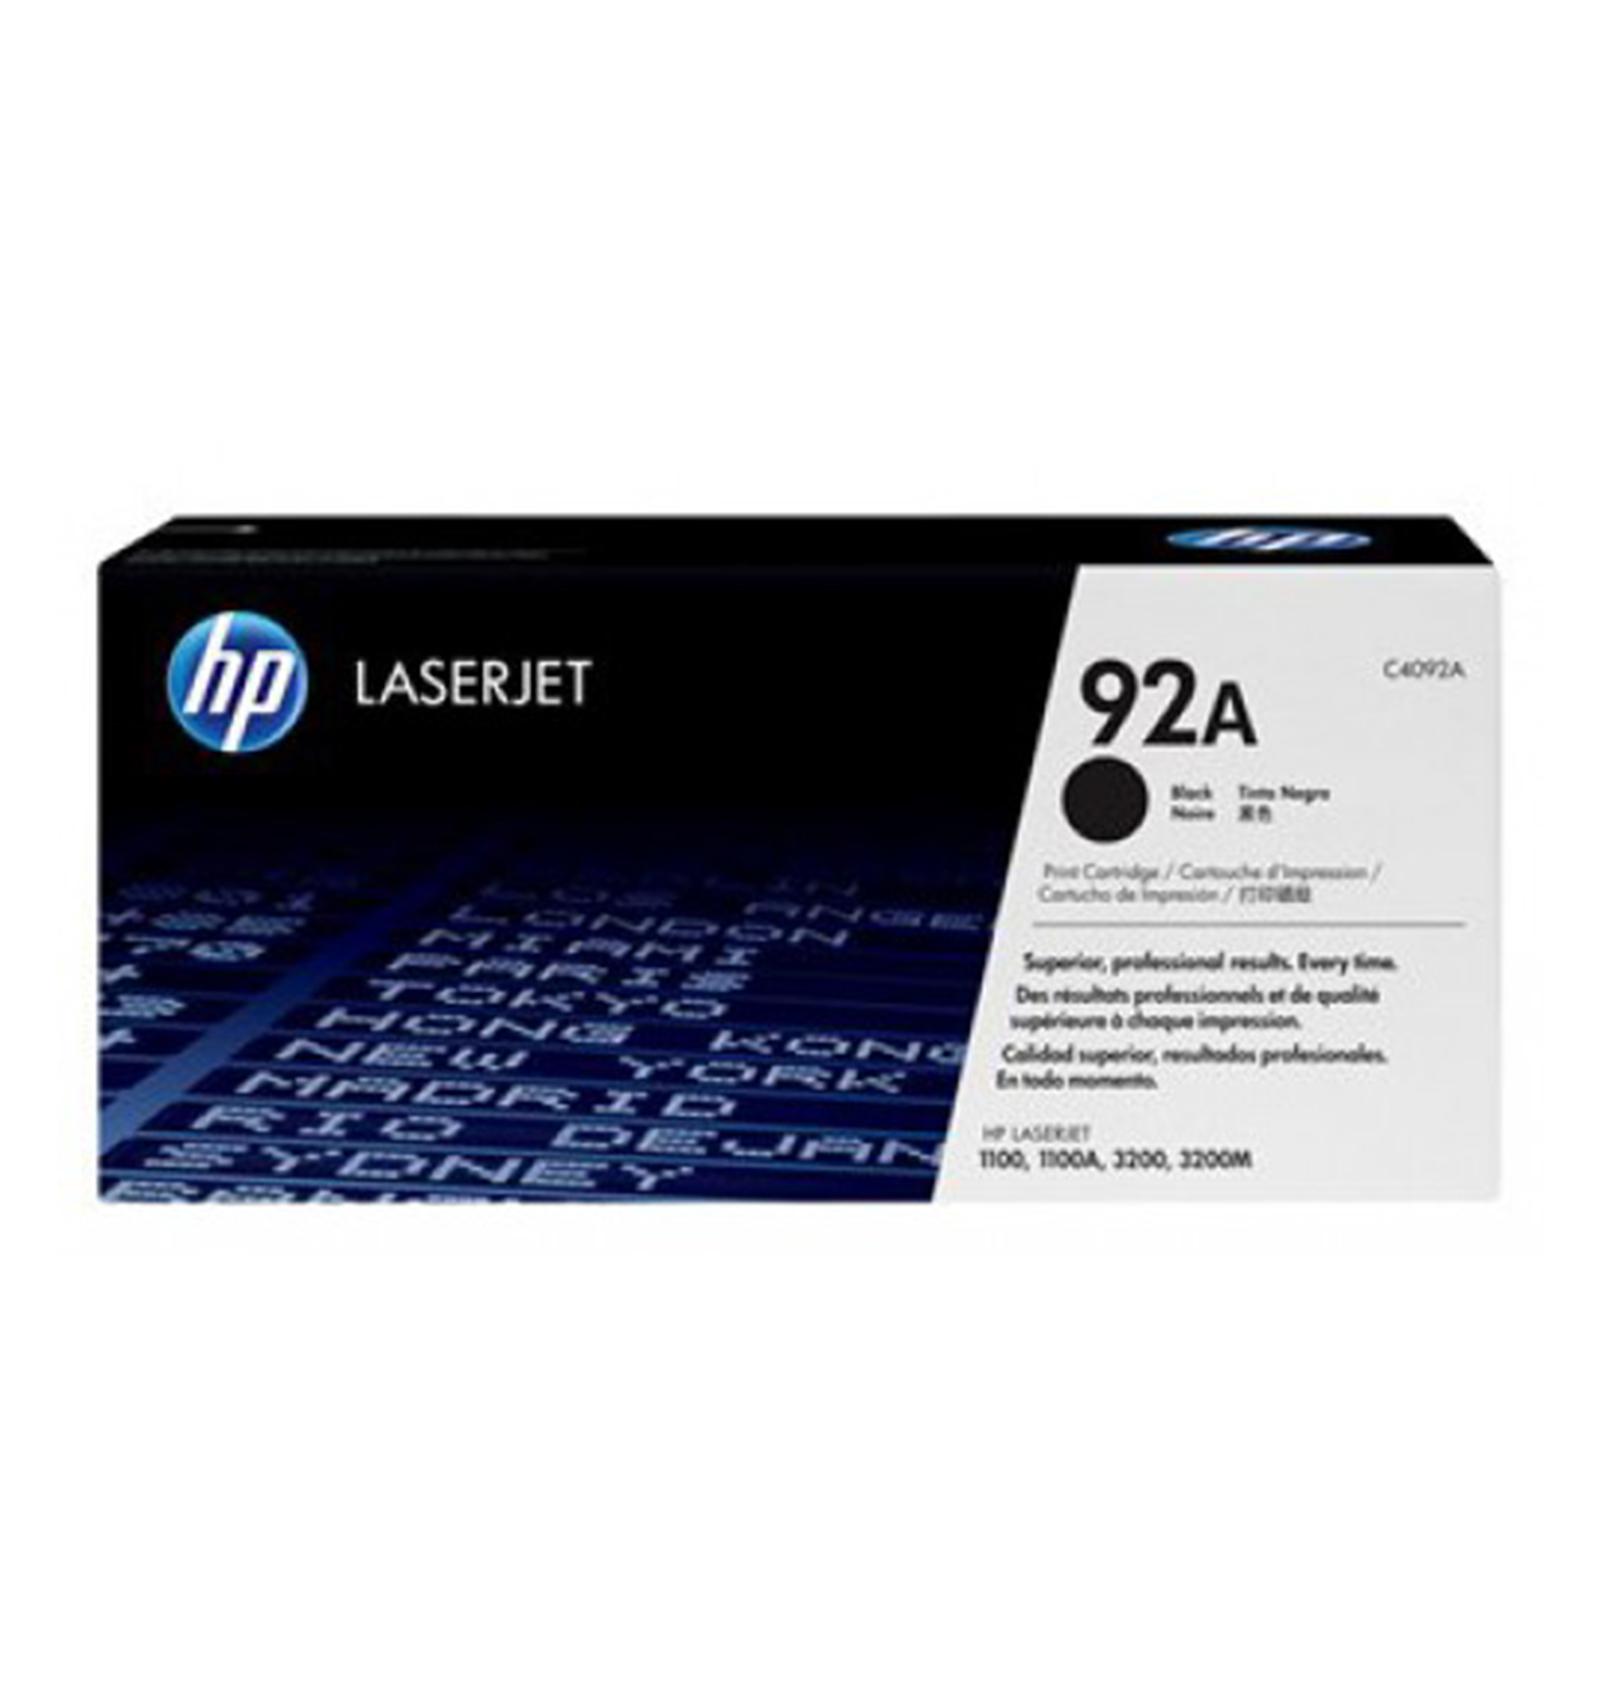 Заправка картриджей HP C4092A (92A) для LaserJet 1100/3200/3220